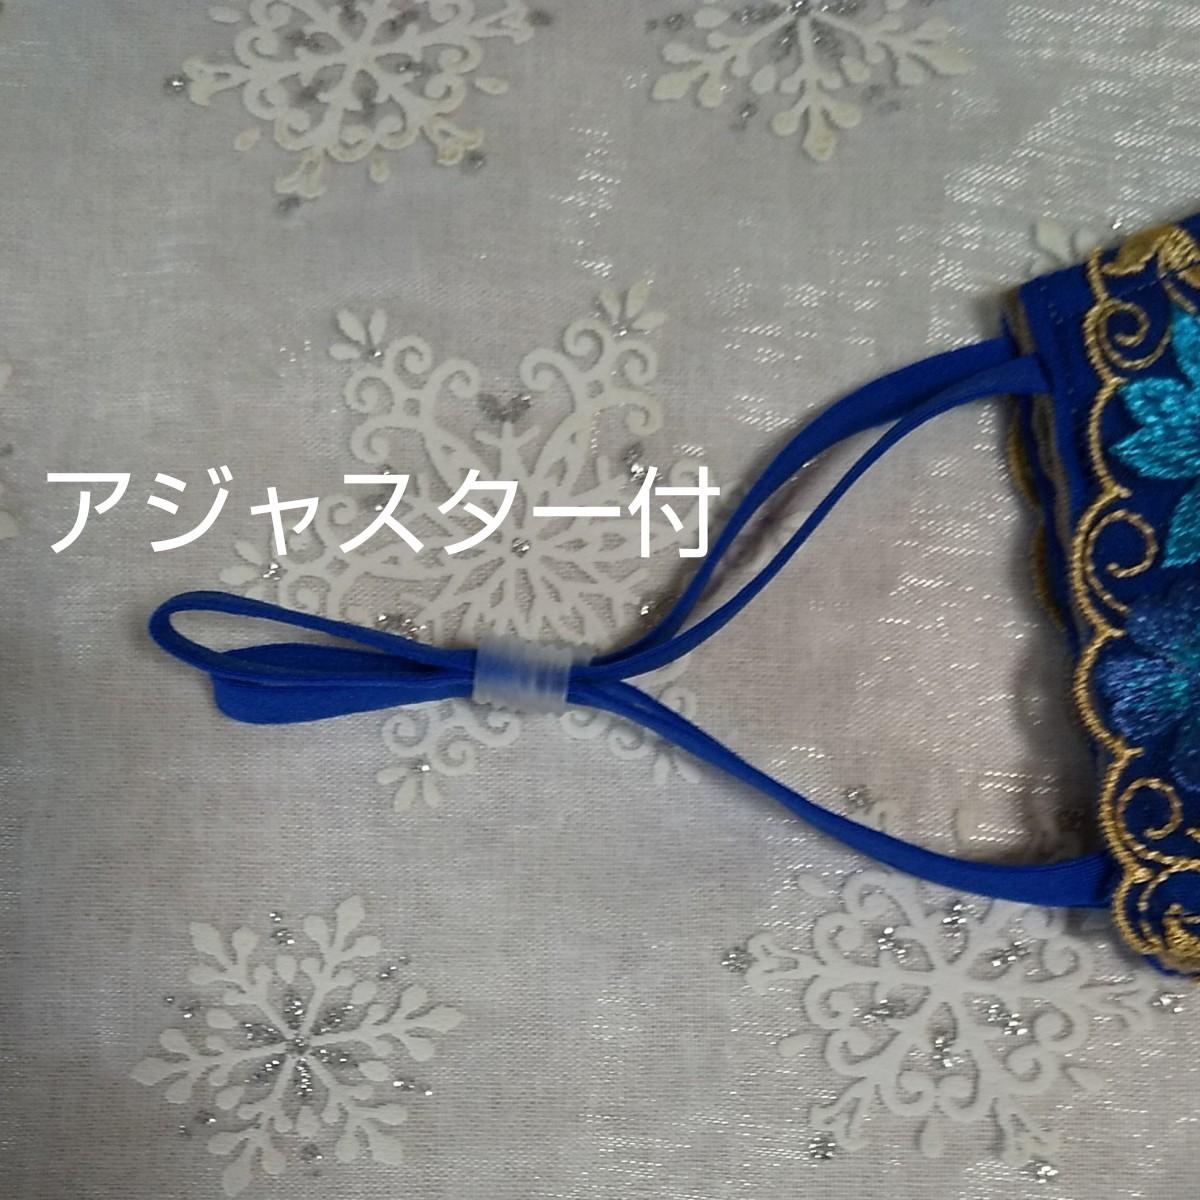 立体インナーハンドメイド、綿ガーゼ、チュール刺繍レース(ブルー×ブルー刺繍レース)(普通サイズ)アジャスター付、チャーム付